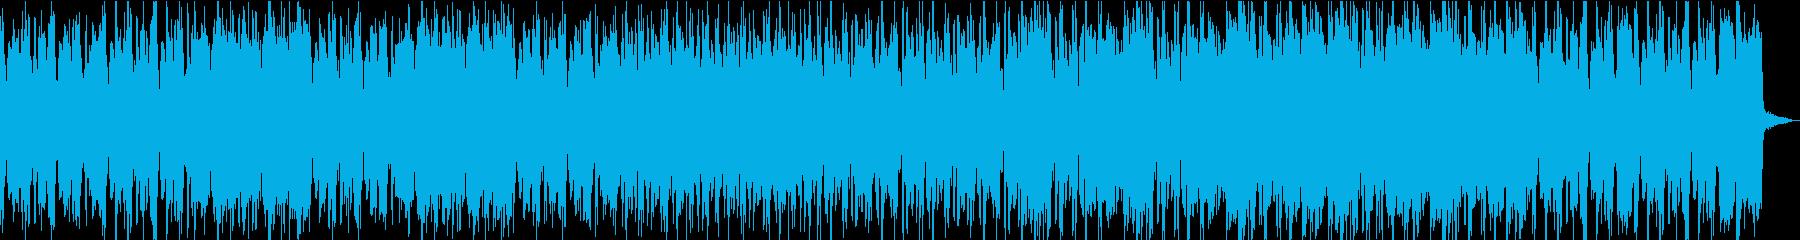 ハードボイルドな雰囲気の粋なビッグバンドの再生済みの波形